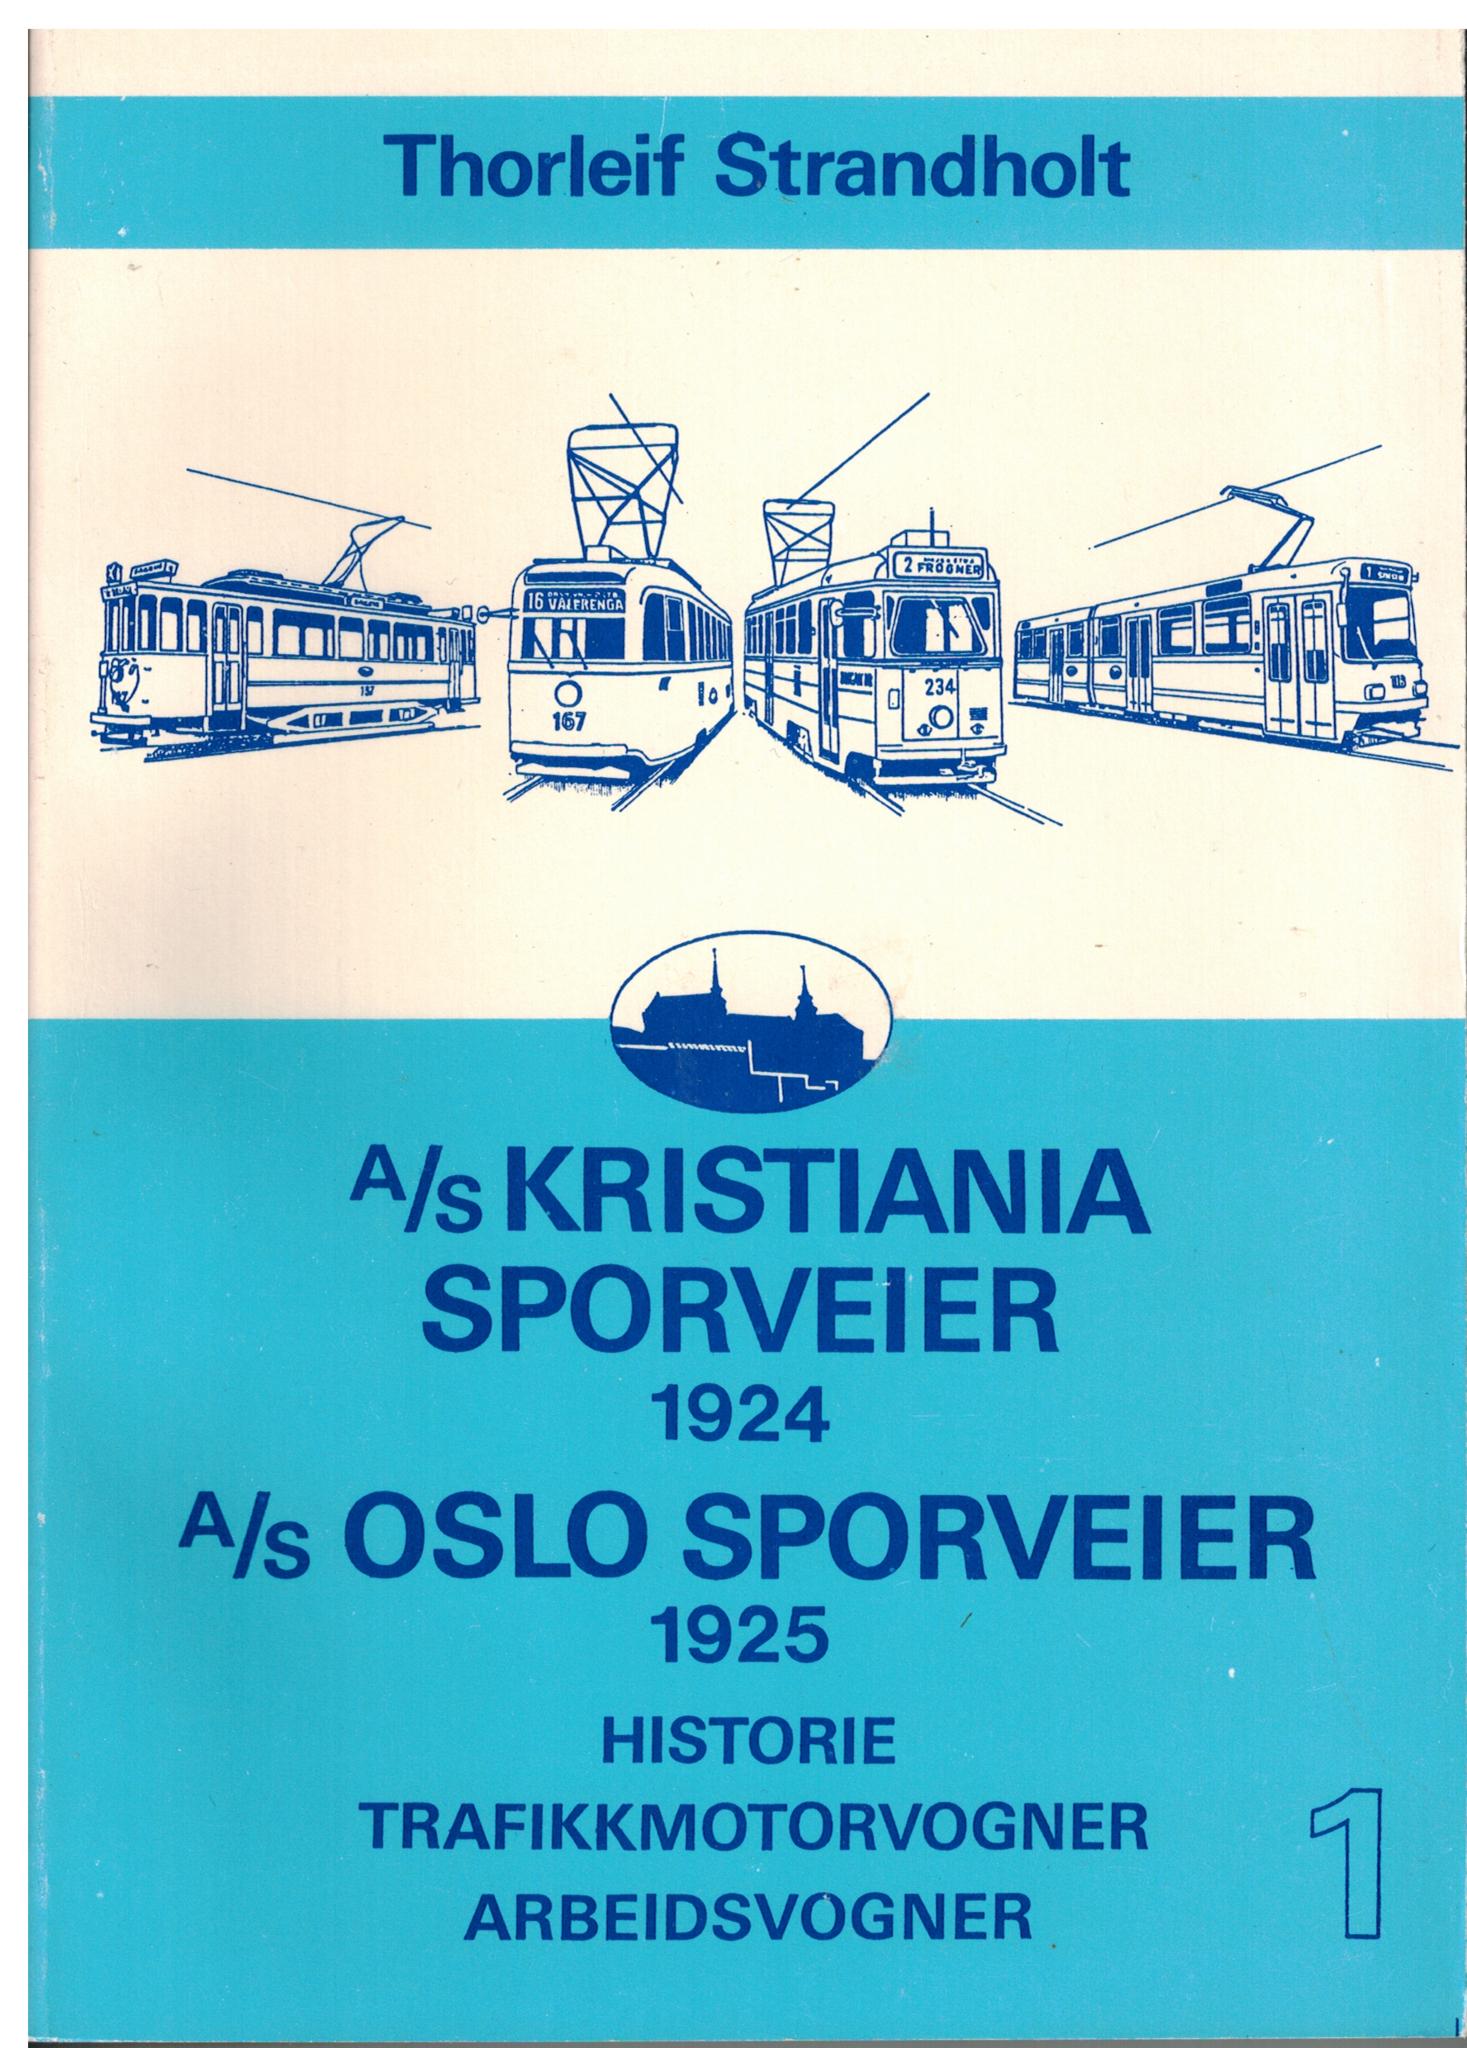 A/S Kristiania Sporveier 1924, A/S Oslo Sporveier 1925